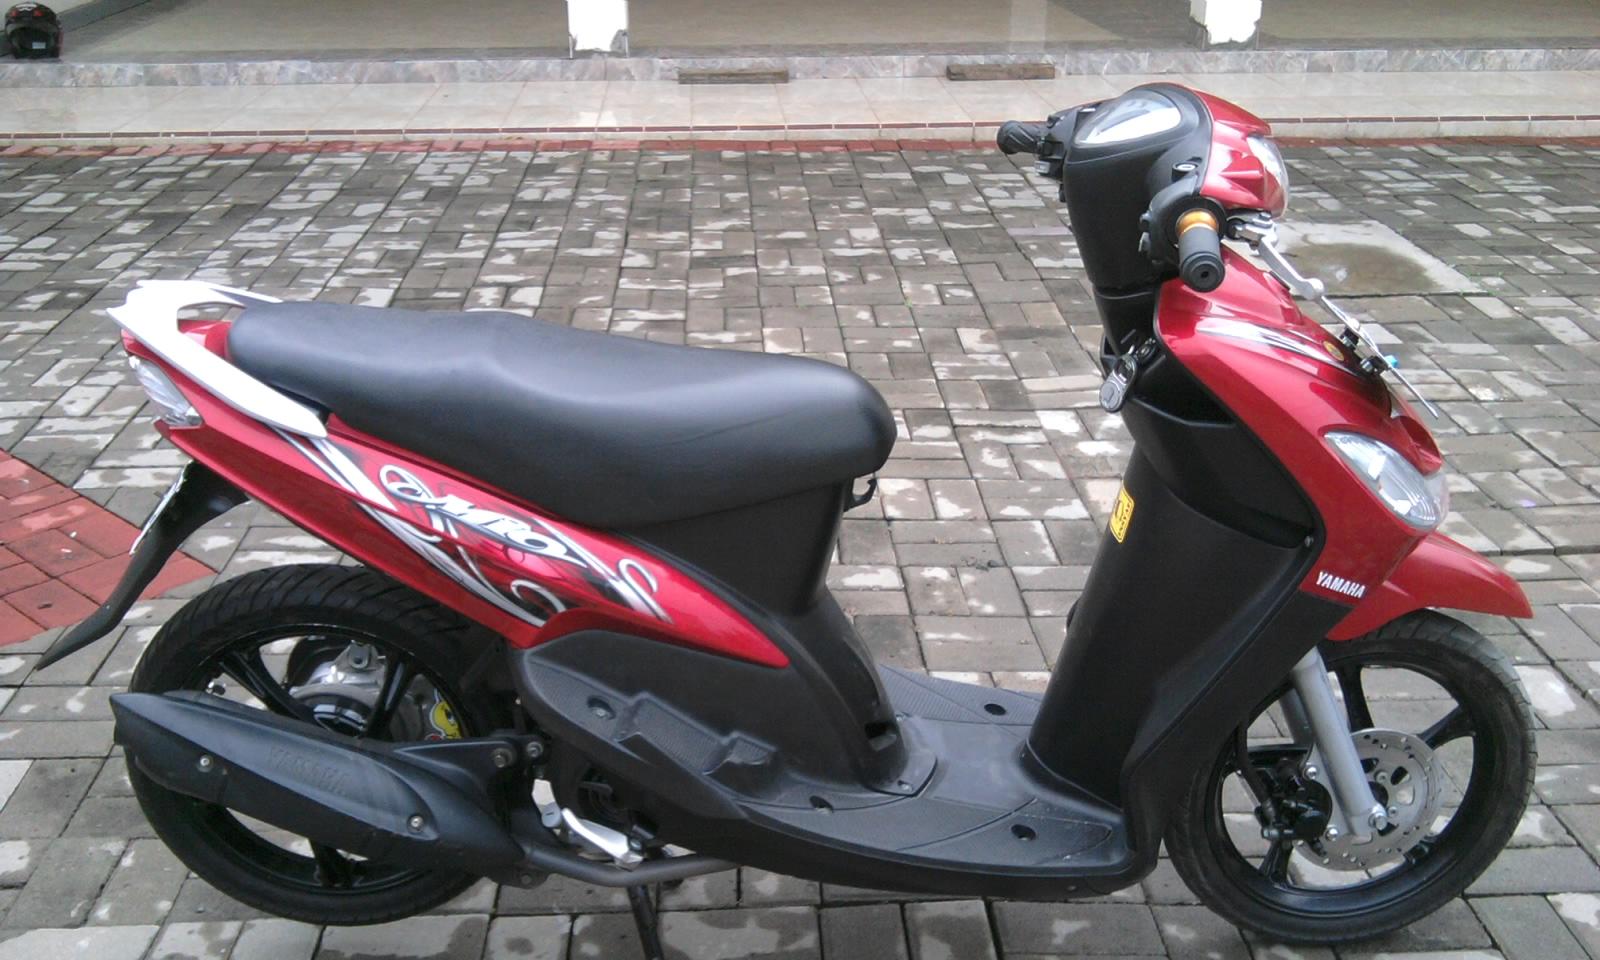 Gambar Sepeda Motor Mio 2011 Terkeren Gentong Modifikasi